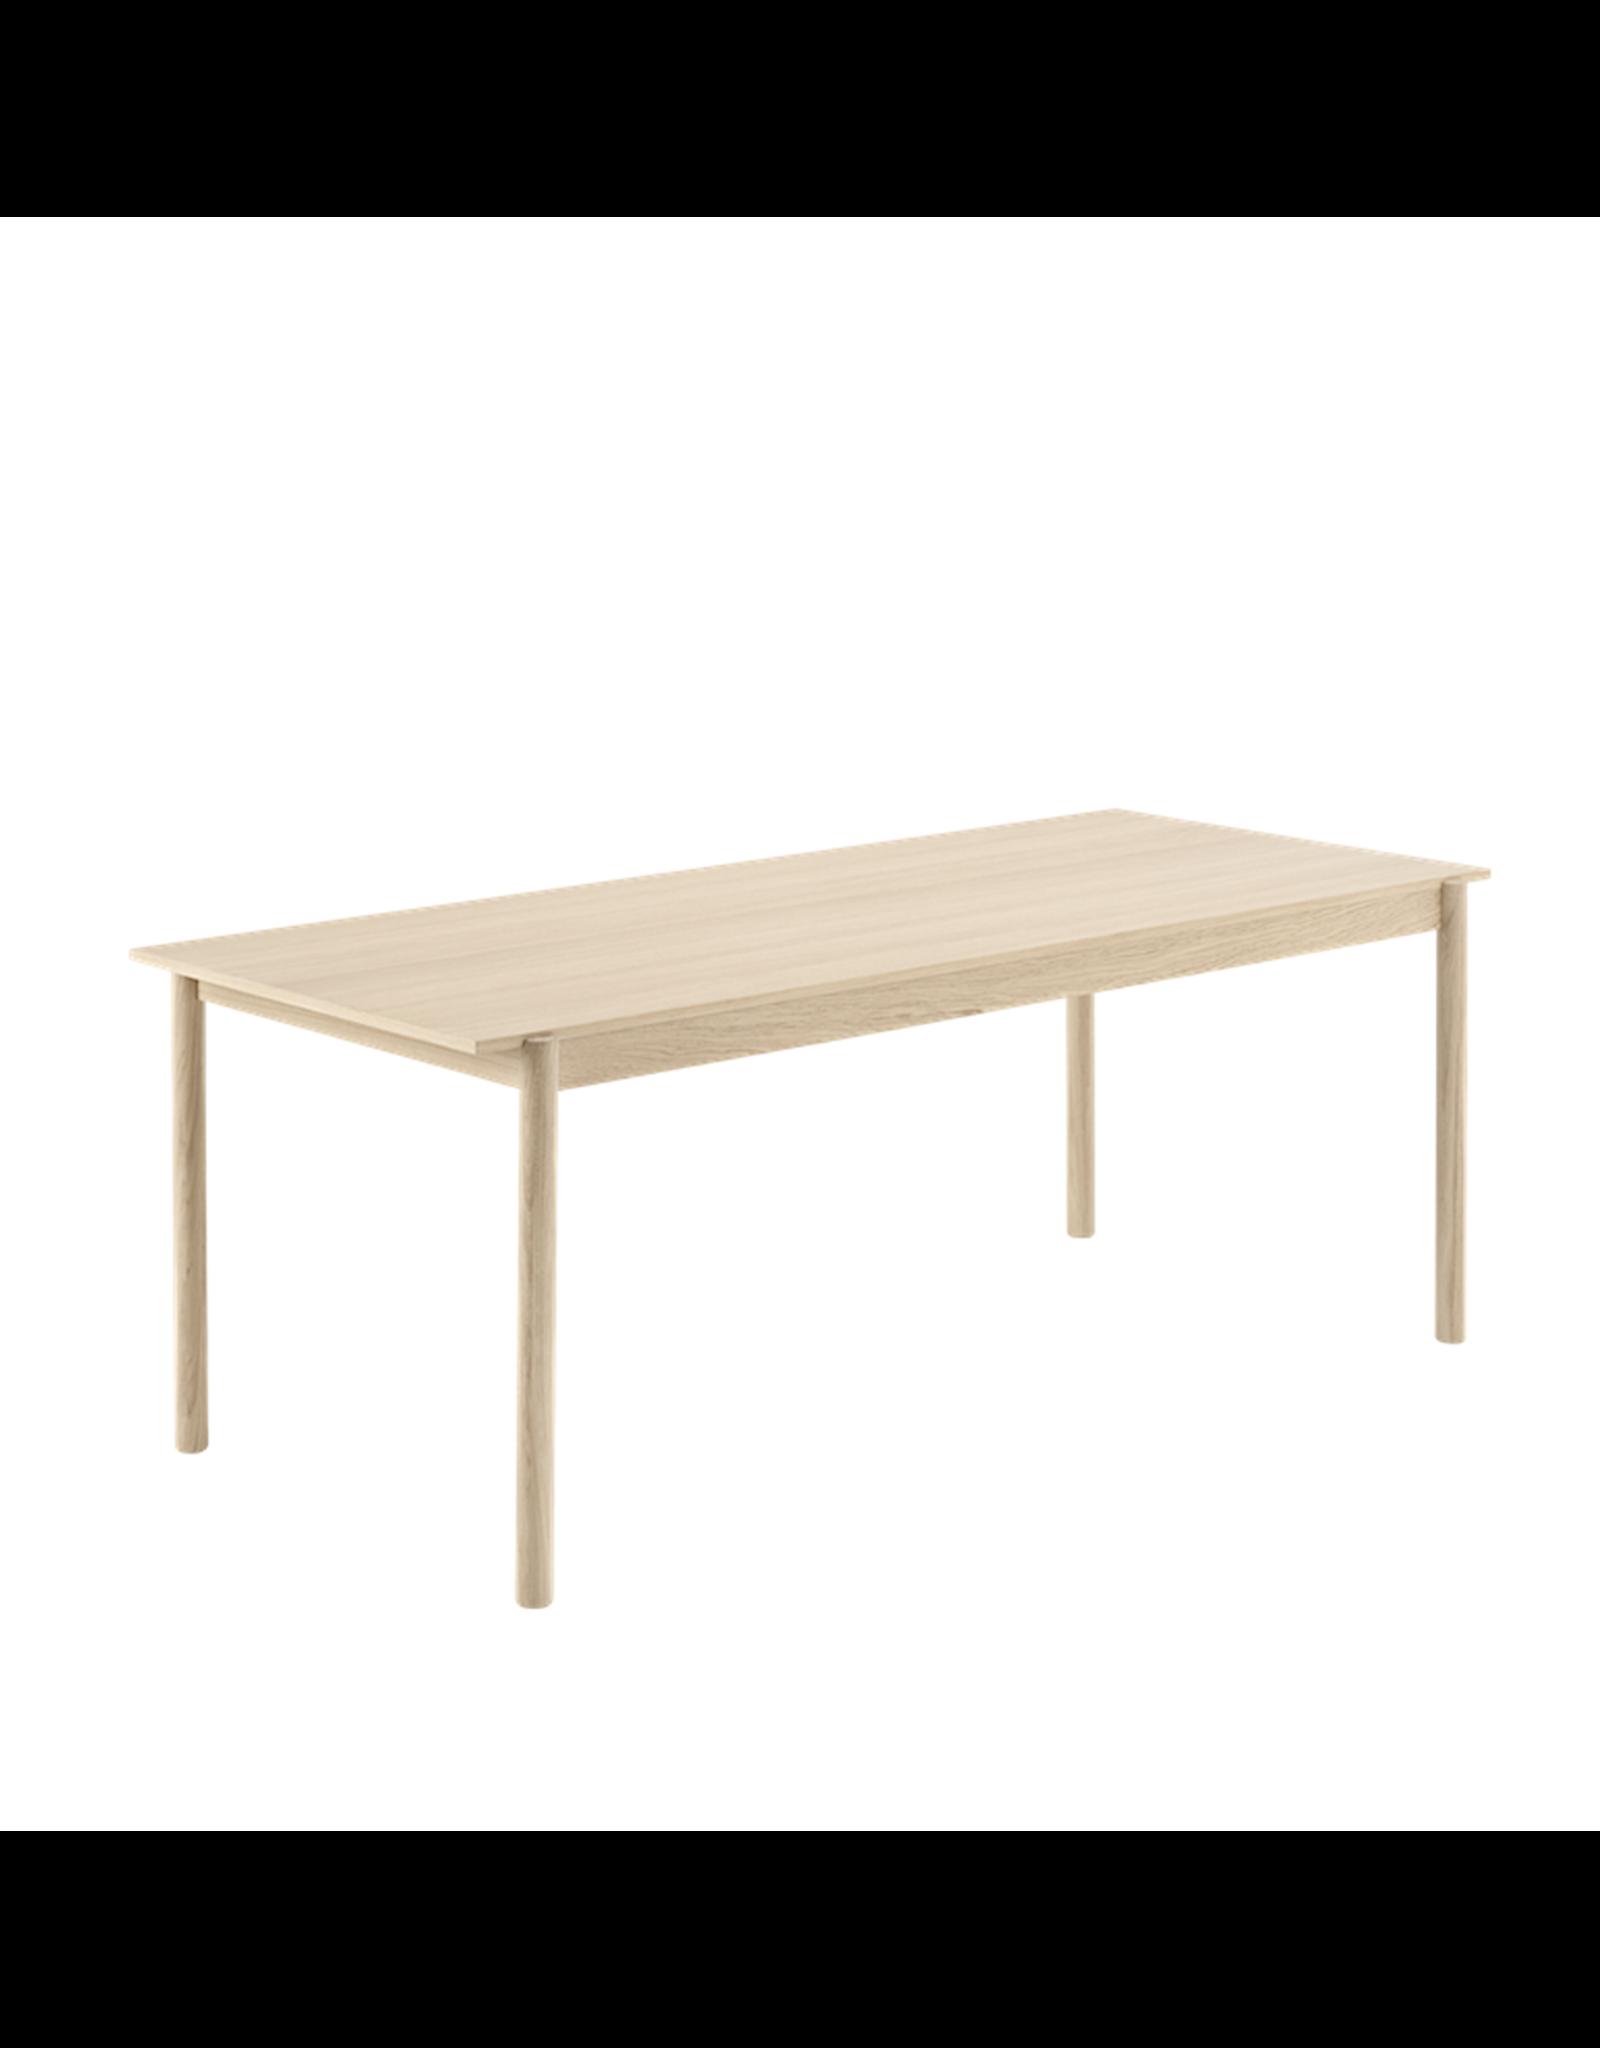 MUUTO LINEAR OAK TABLE